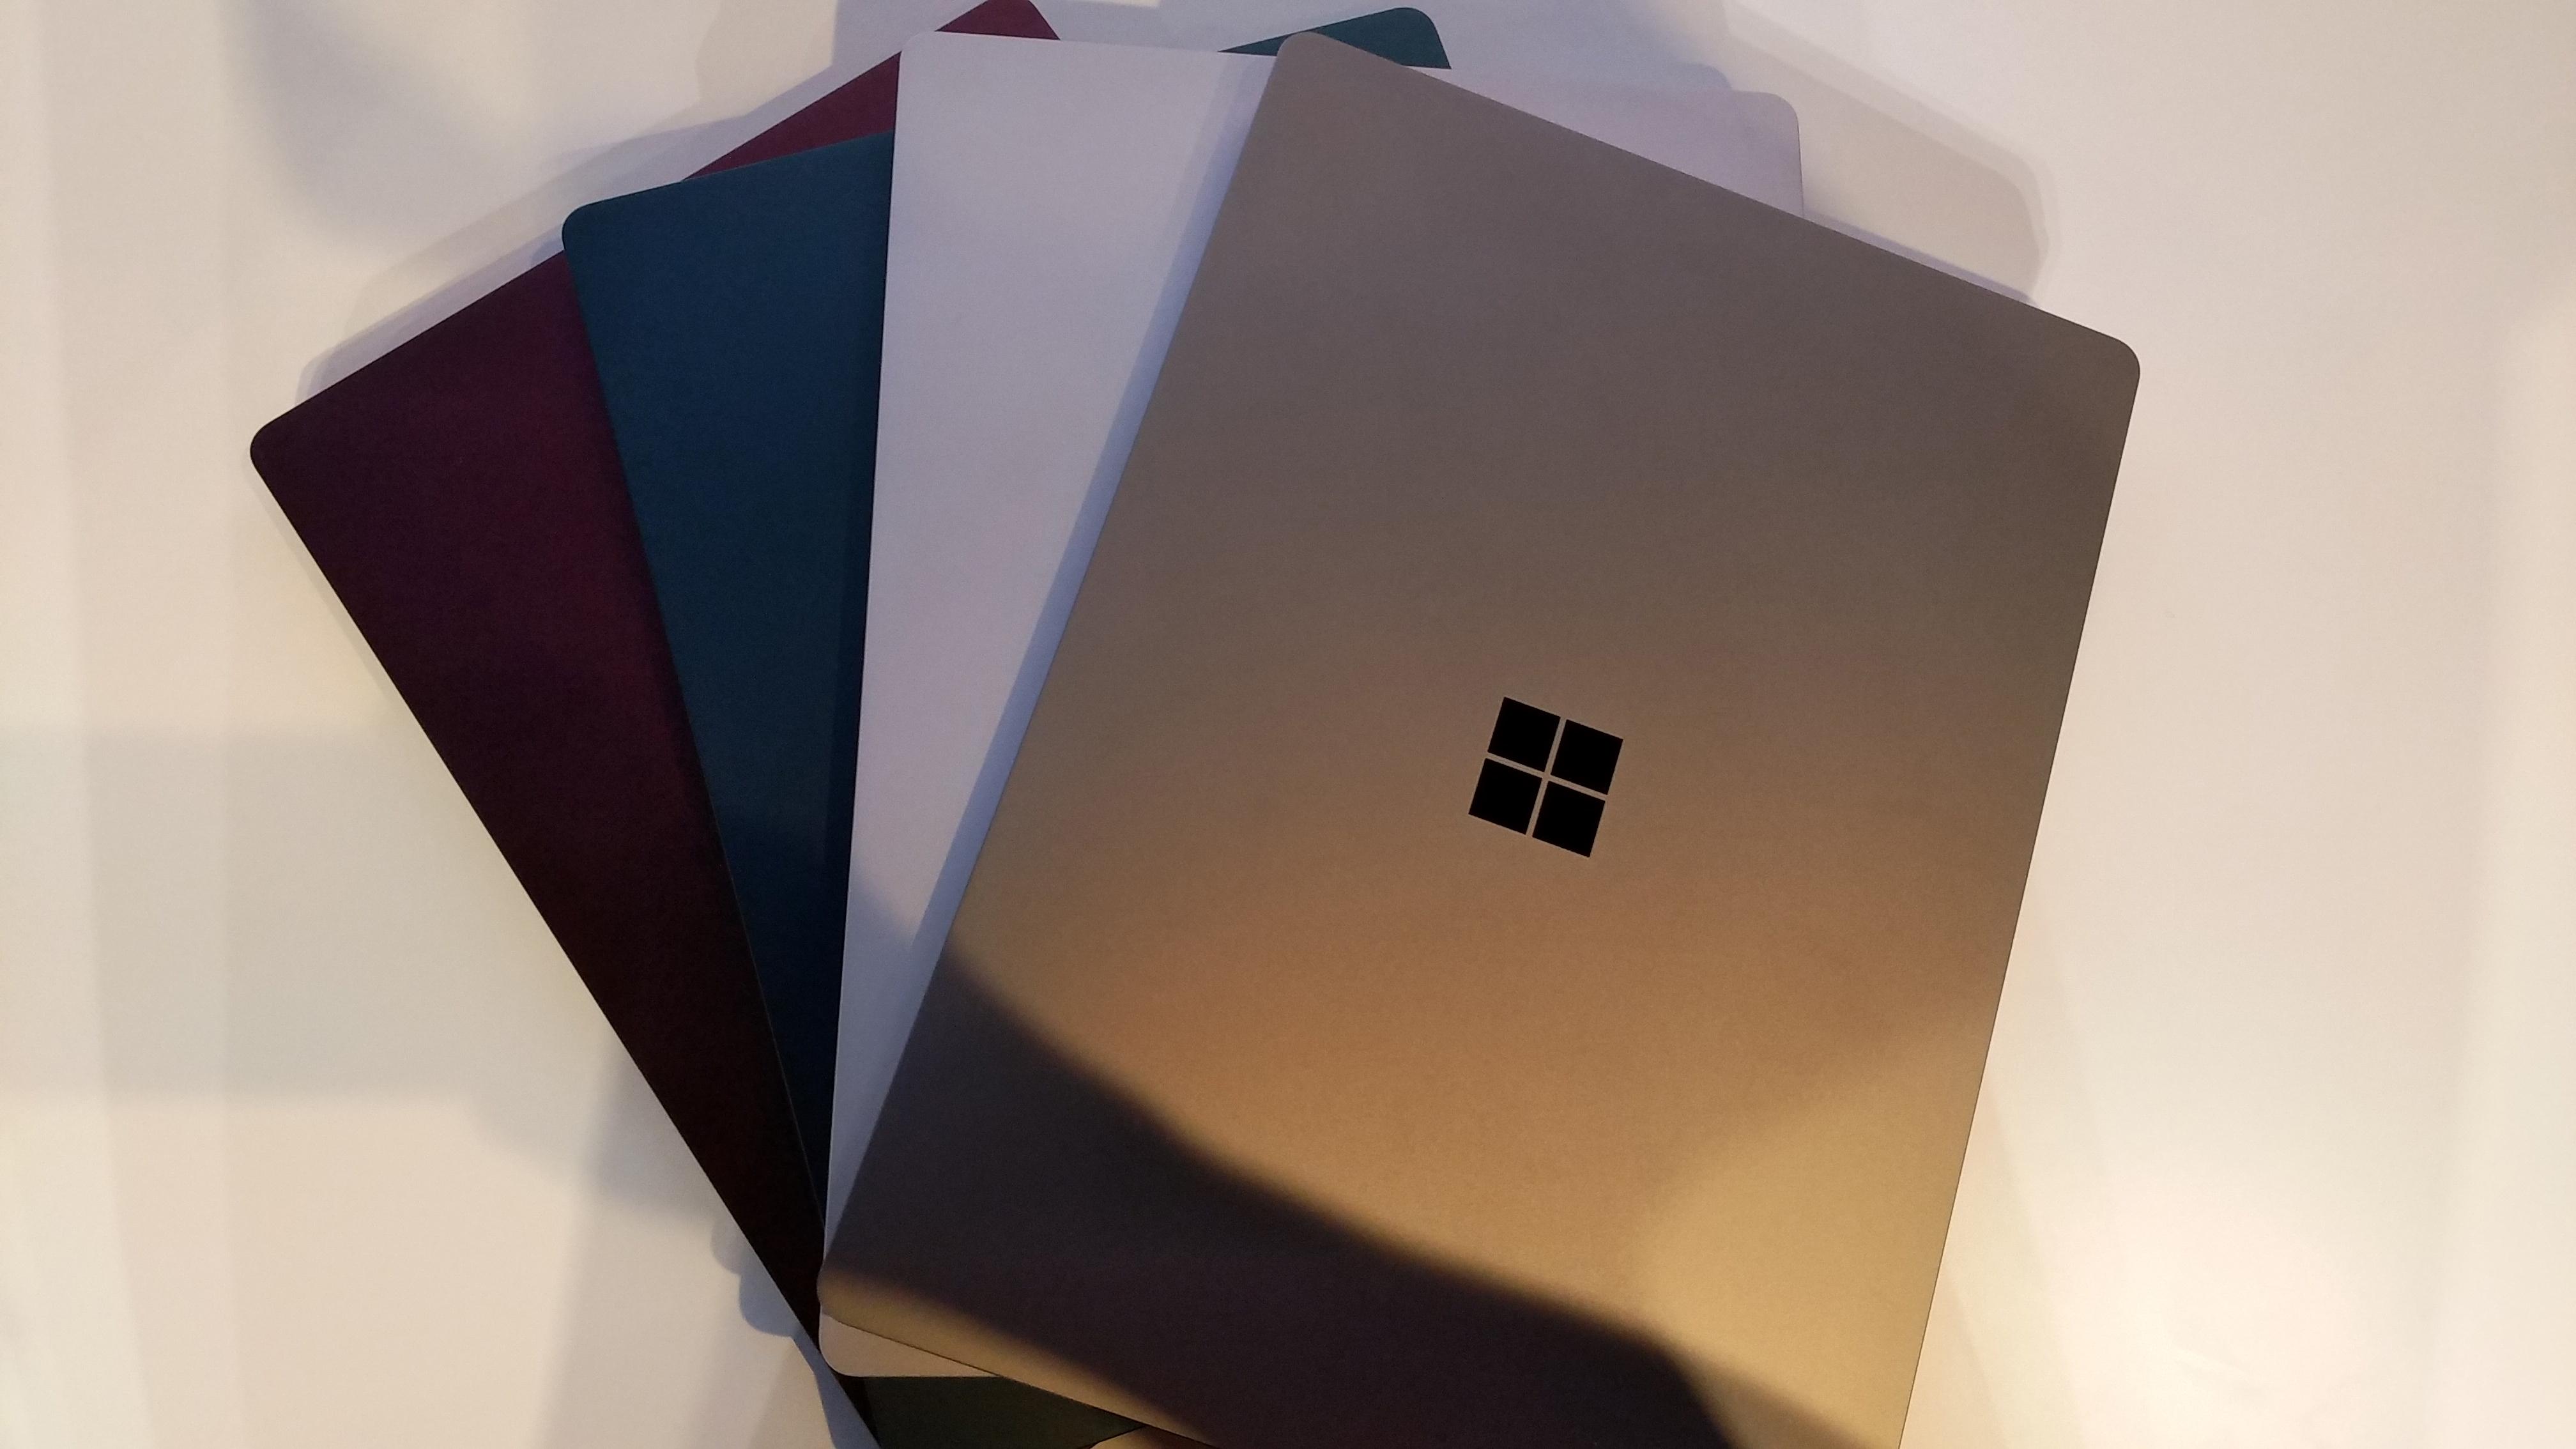 微软Laptop对比苹果新款MacBook,你会选择谁?的照片 - 2